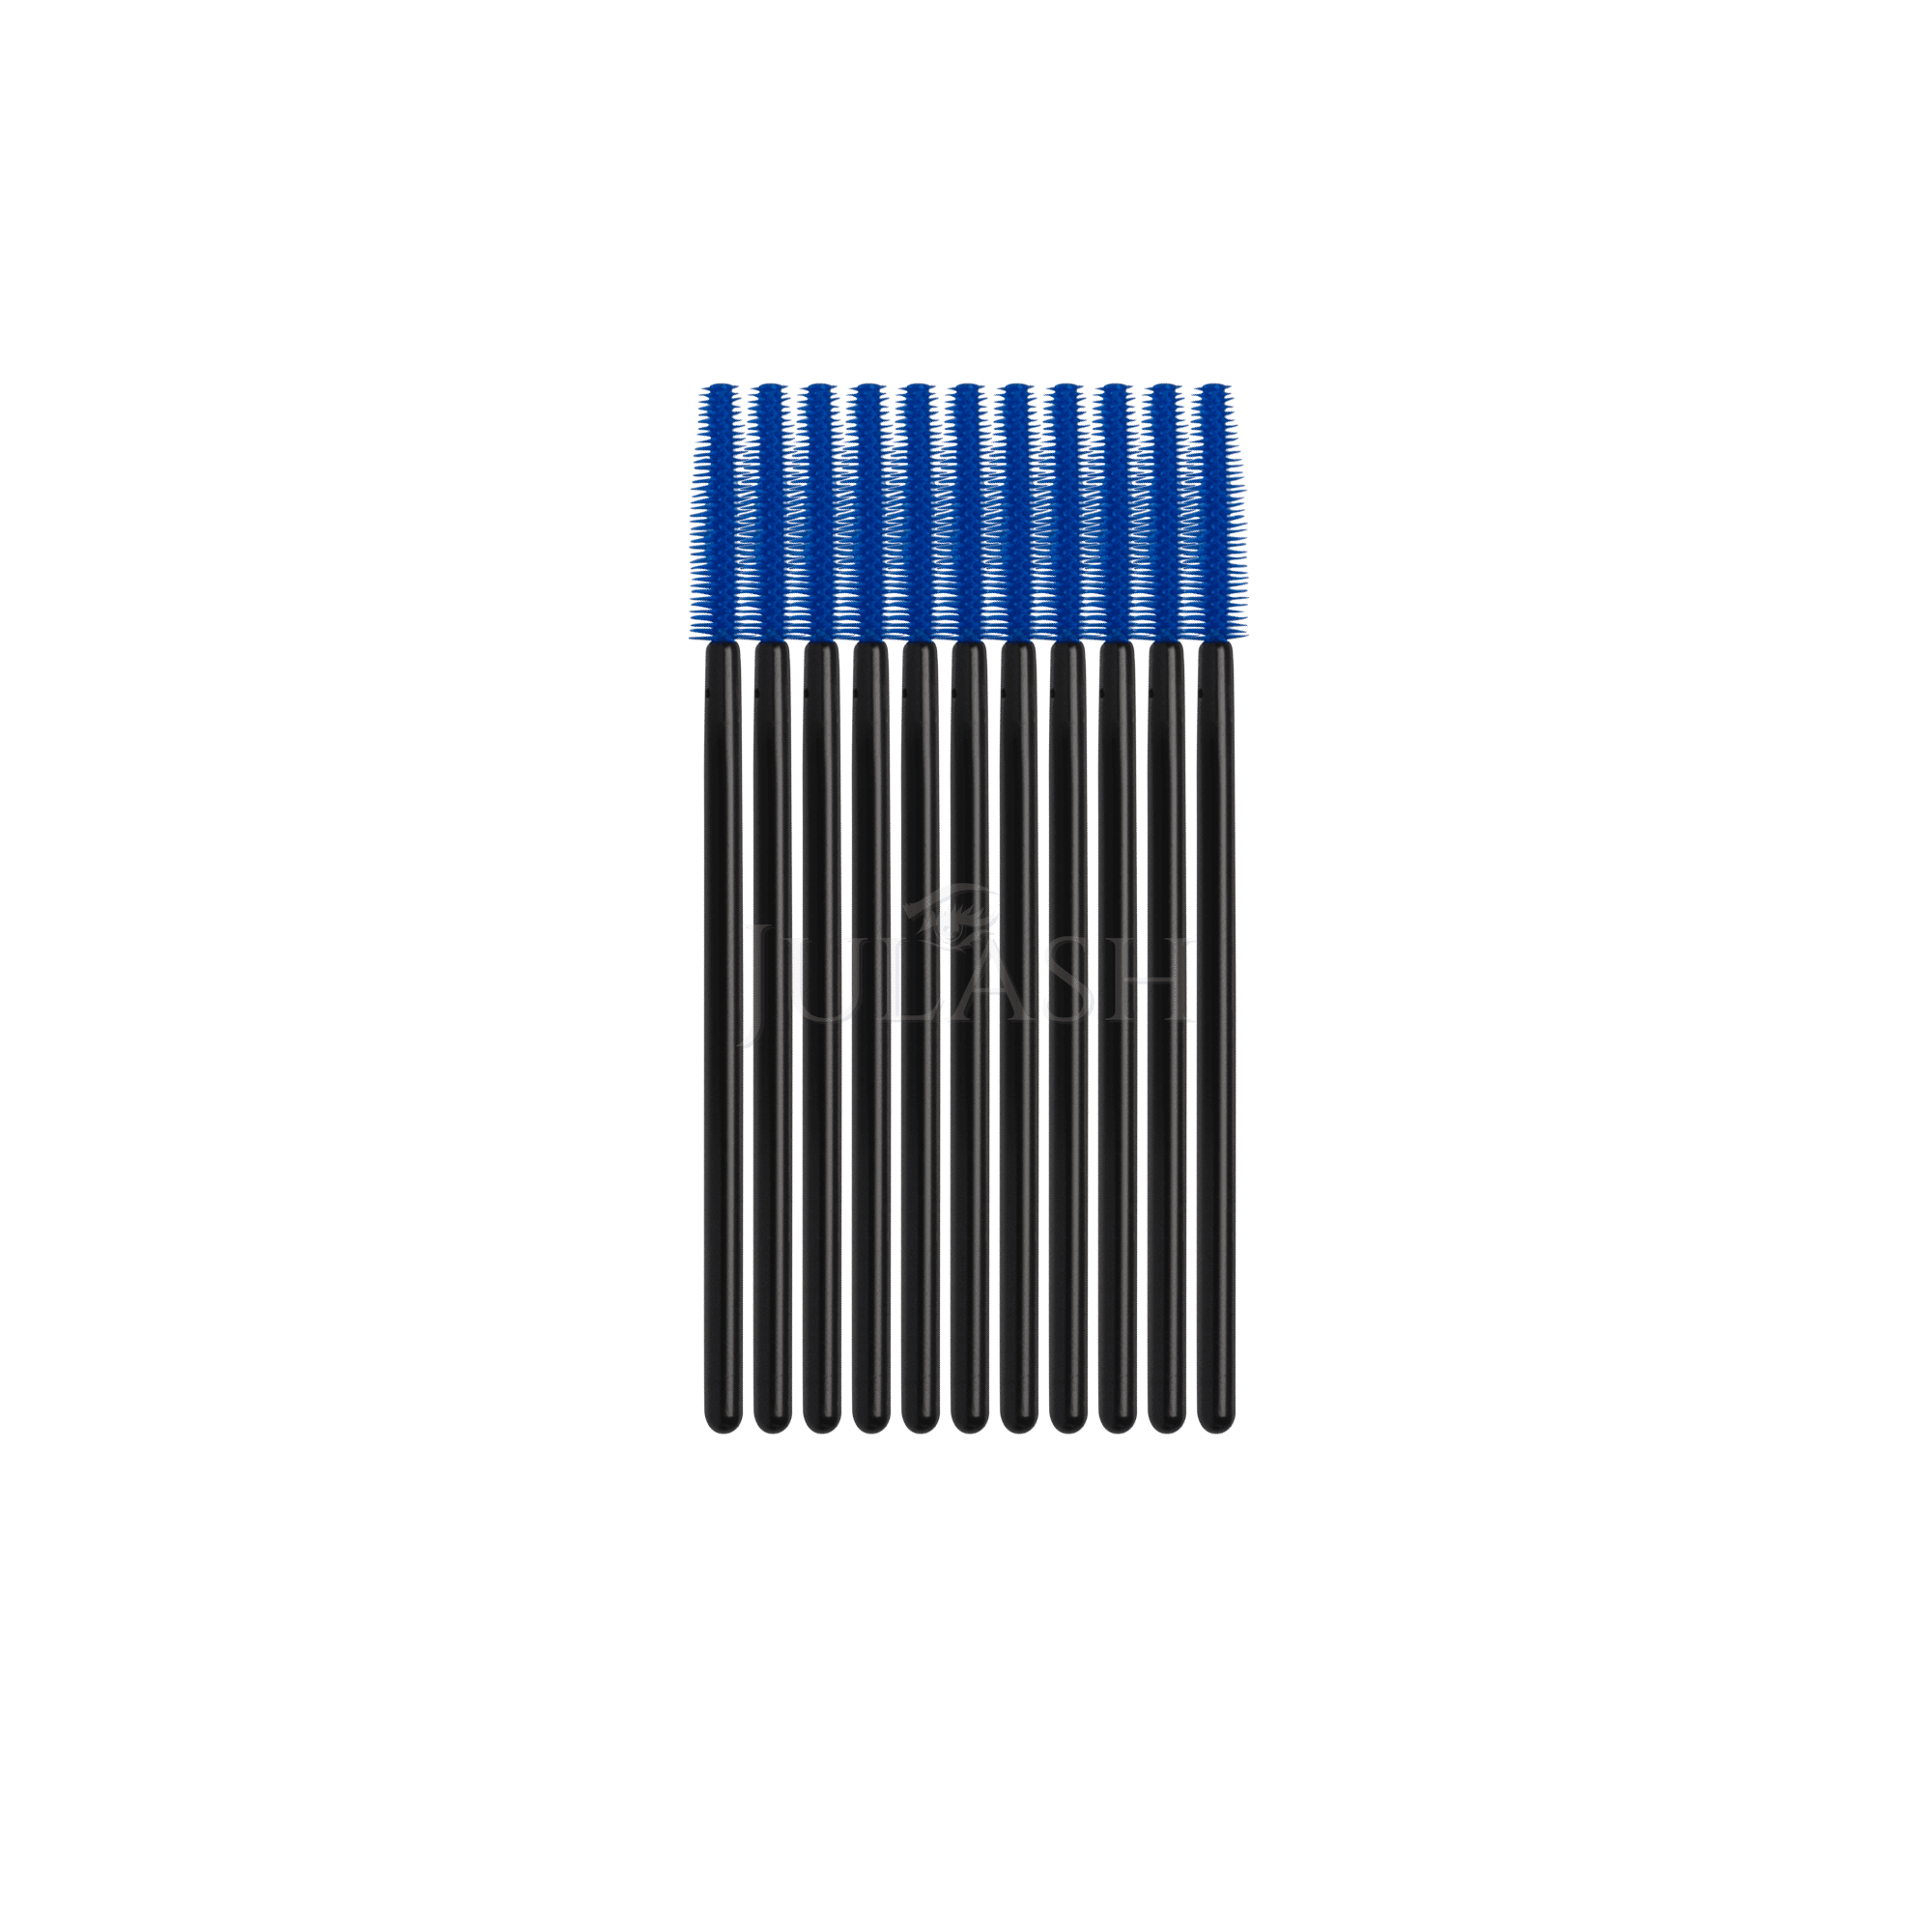 Mascaraborste Fransborstar Silikon Blå